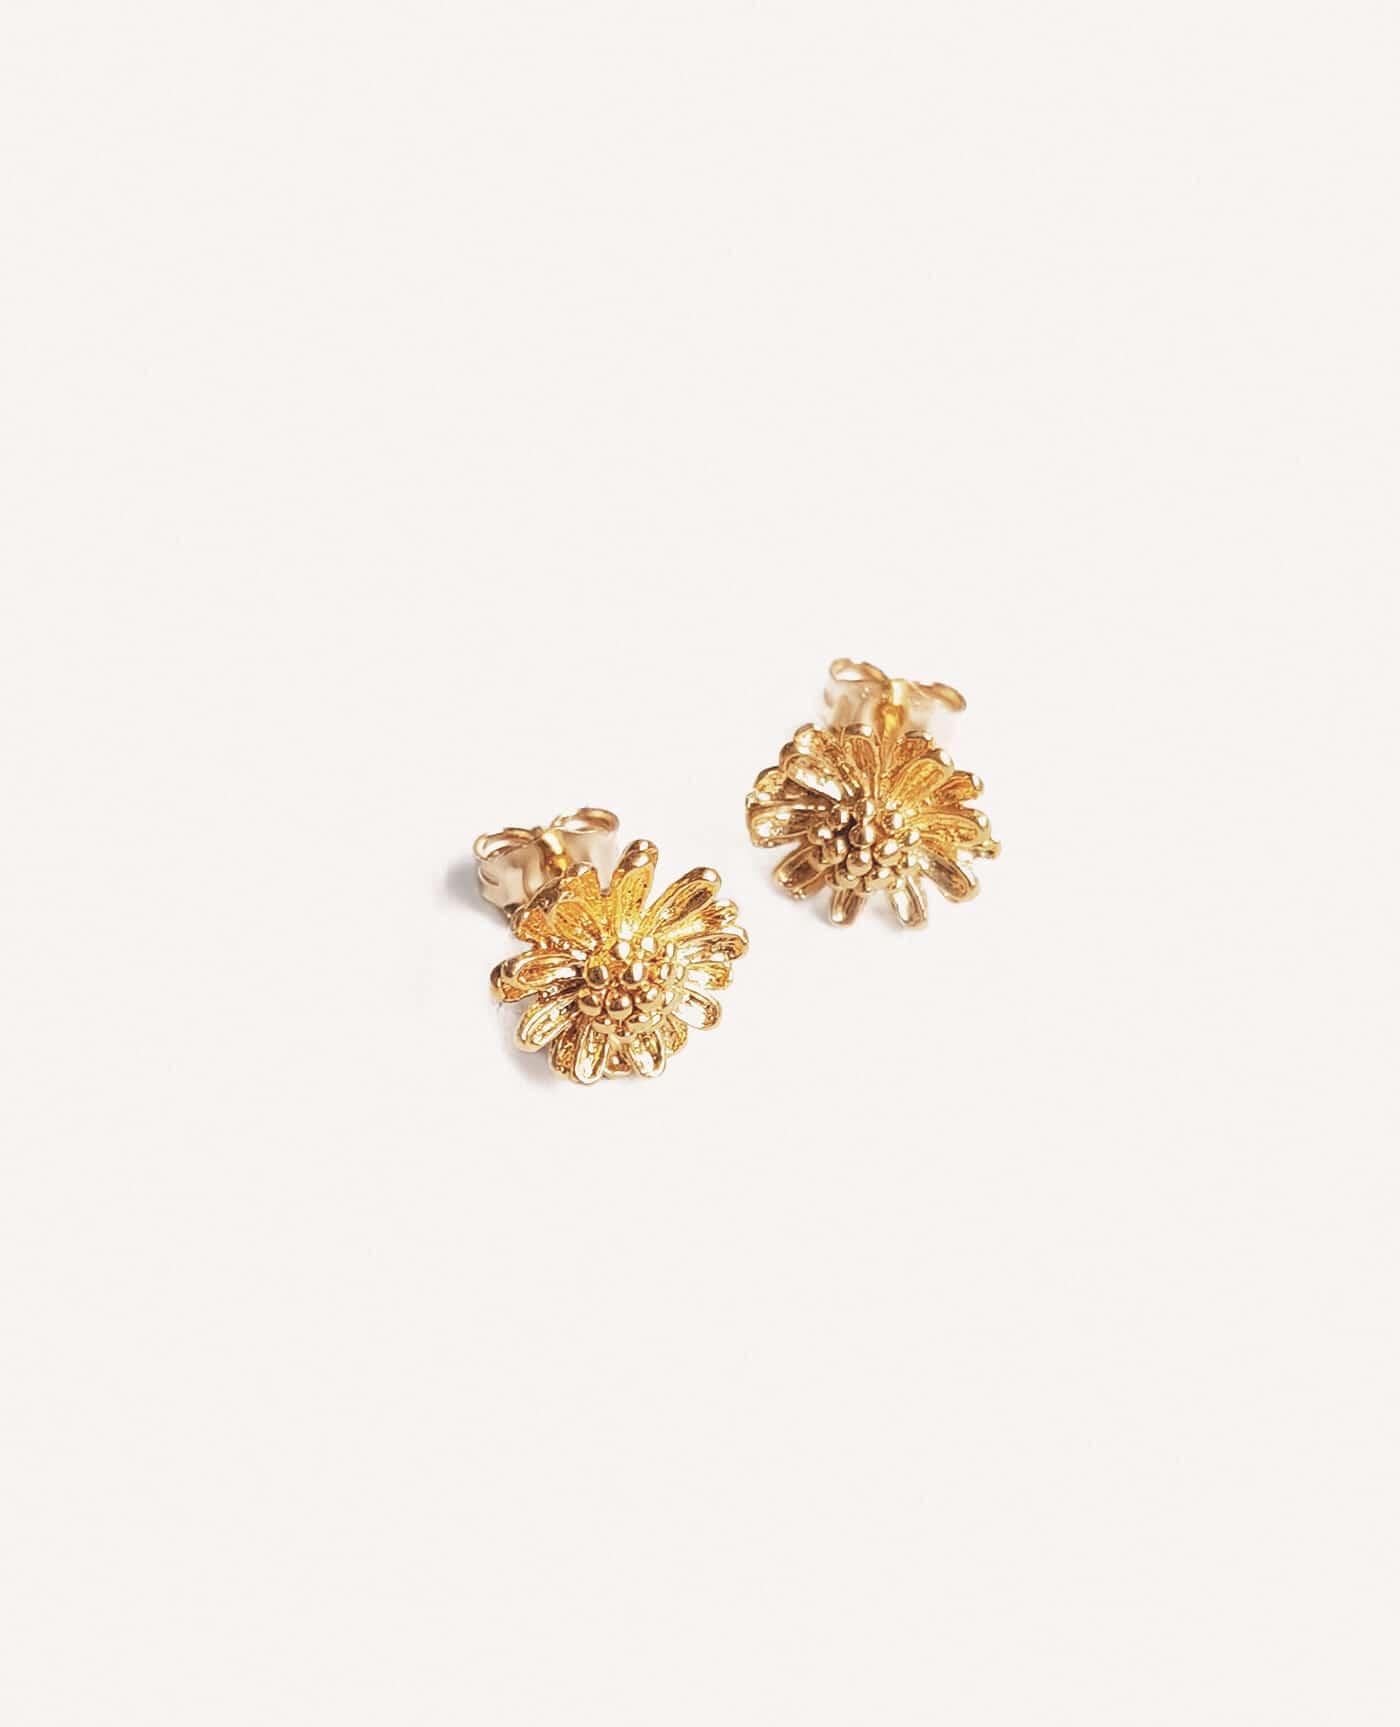 Boucles d'oreilles marguerite de la marque Elise Tsikis